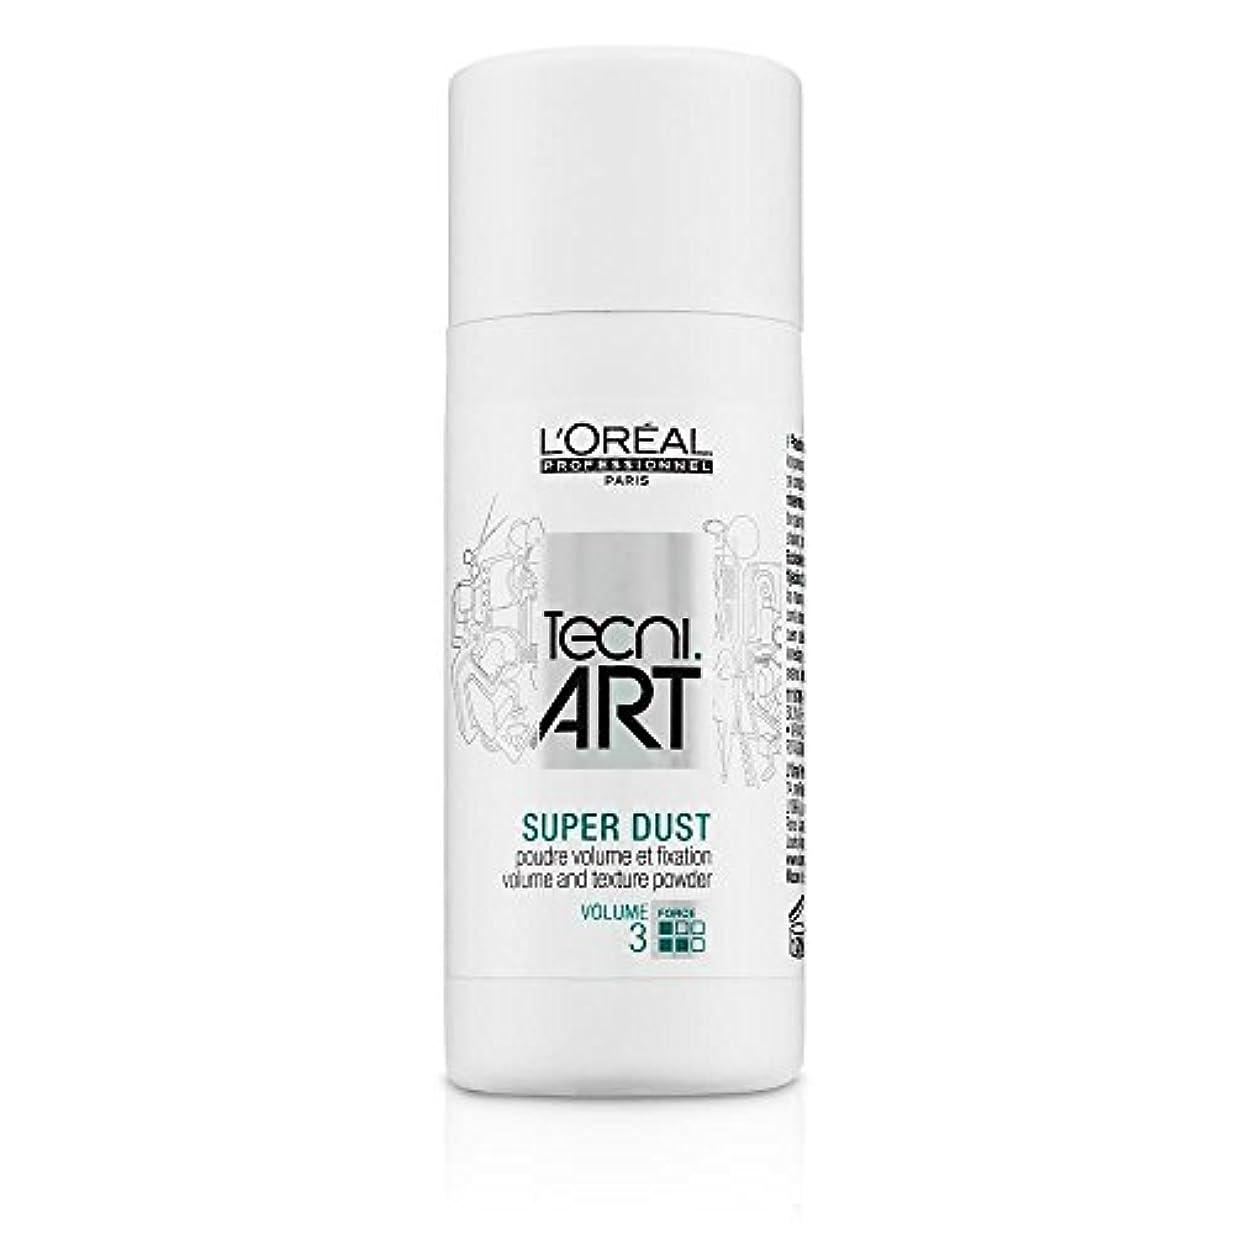 表面解き明かすあいまいなL'Oreal Tecni Art Super Dust - Volume And Texture Powder 7g [並行輸入品]